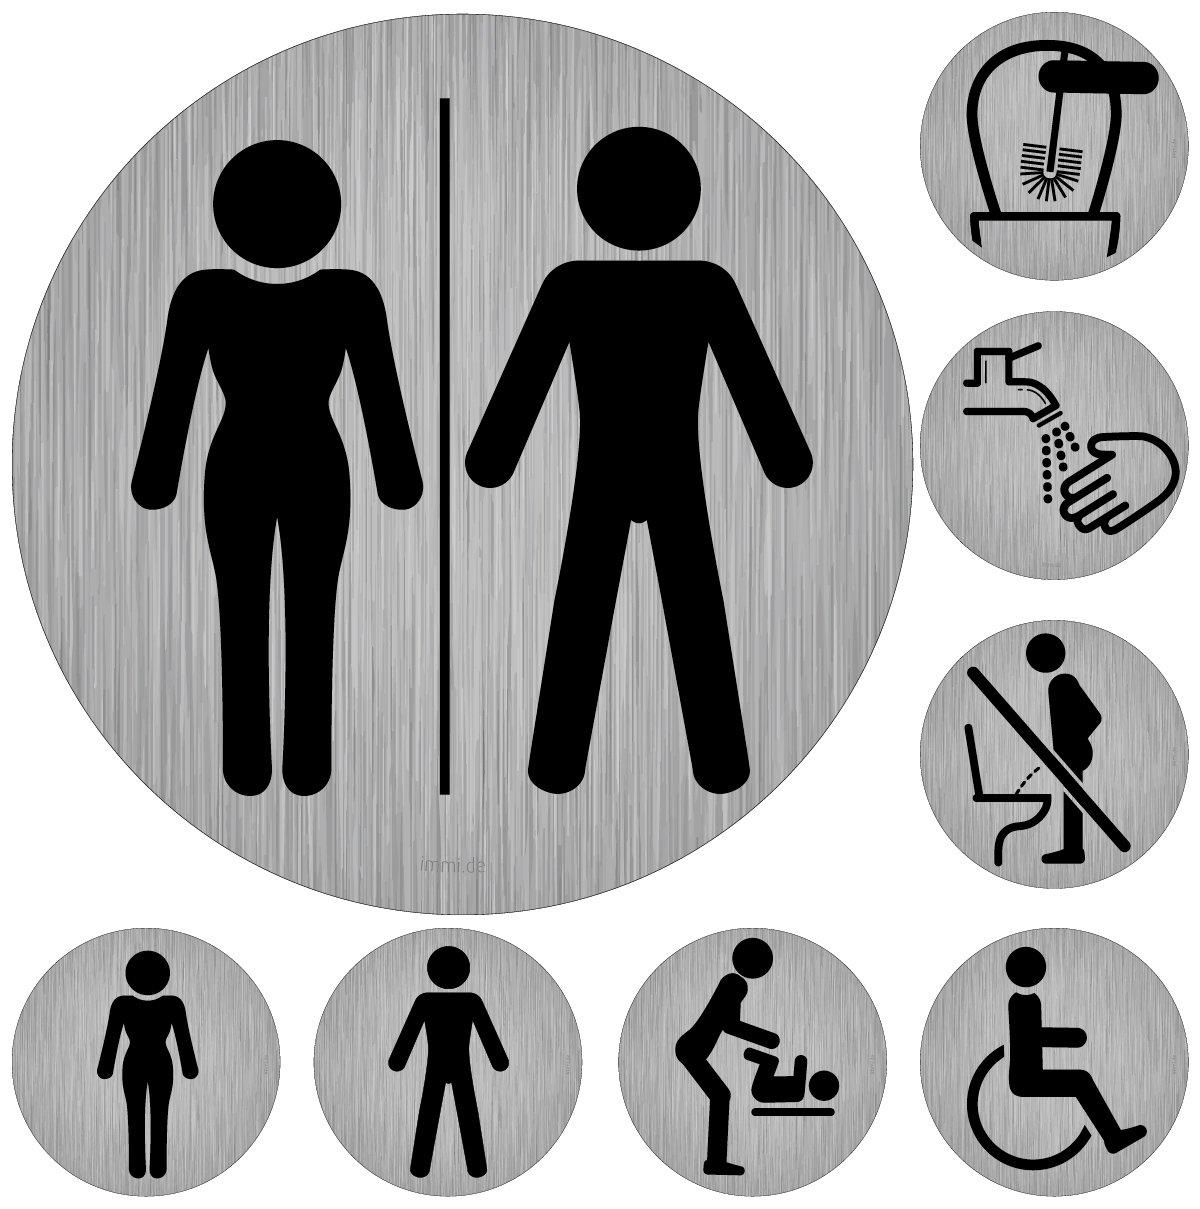 95mm/Ø immi Toilette Hinweis Nicht im Stehen pinkeln Bitte im Sitzen pinkeln